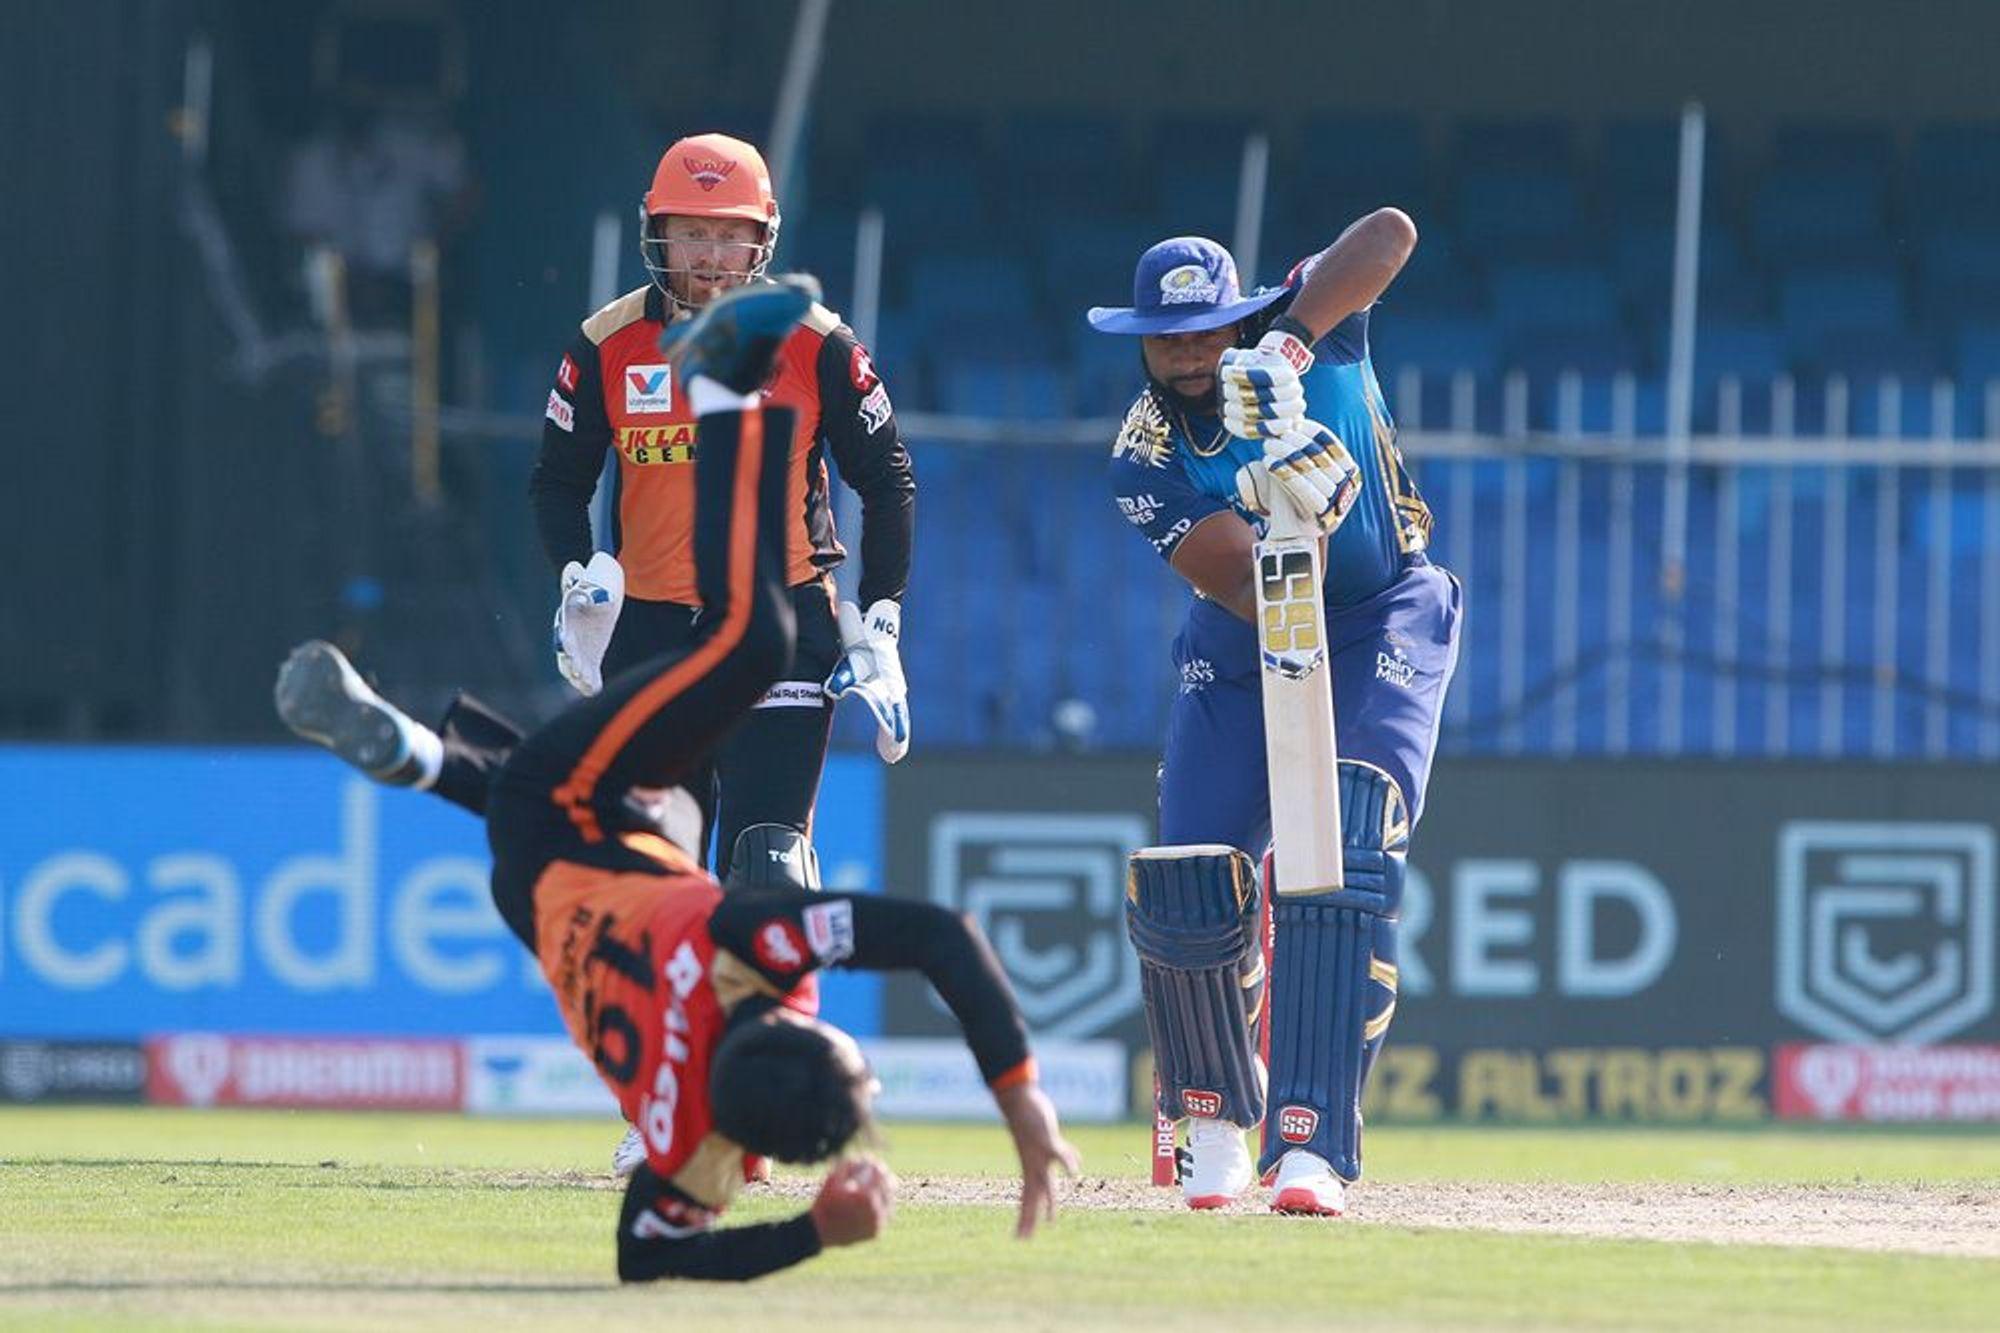 राशिद को विकेट भले ही नहीं मिला, लेकिन उन्होंने फील्ड में टीम के लिए खूब रन बचाए।